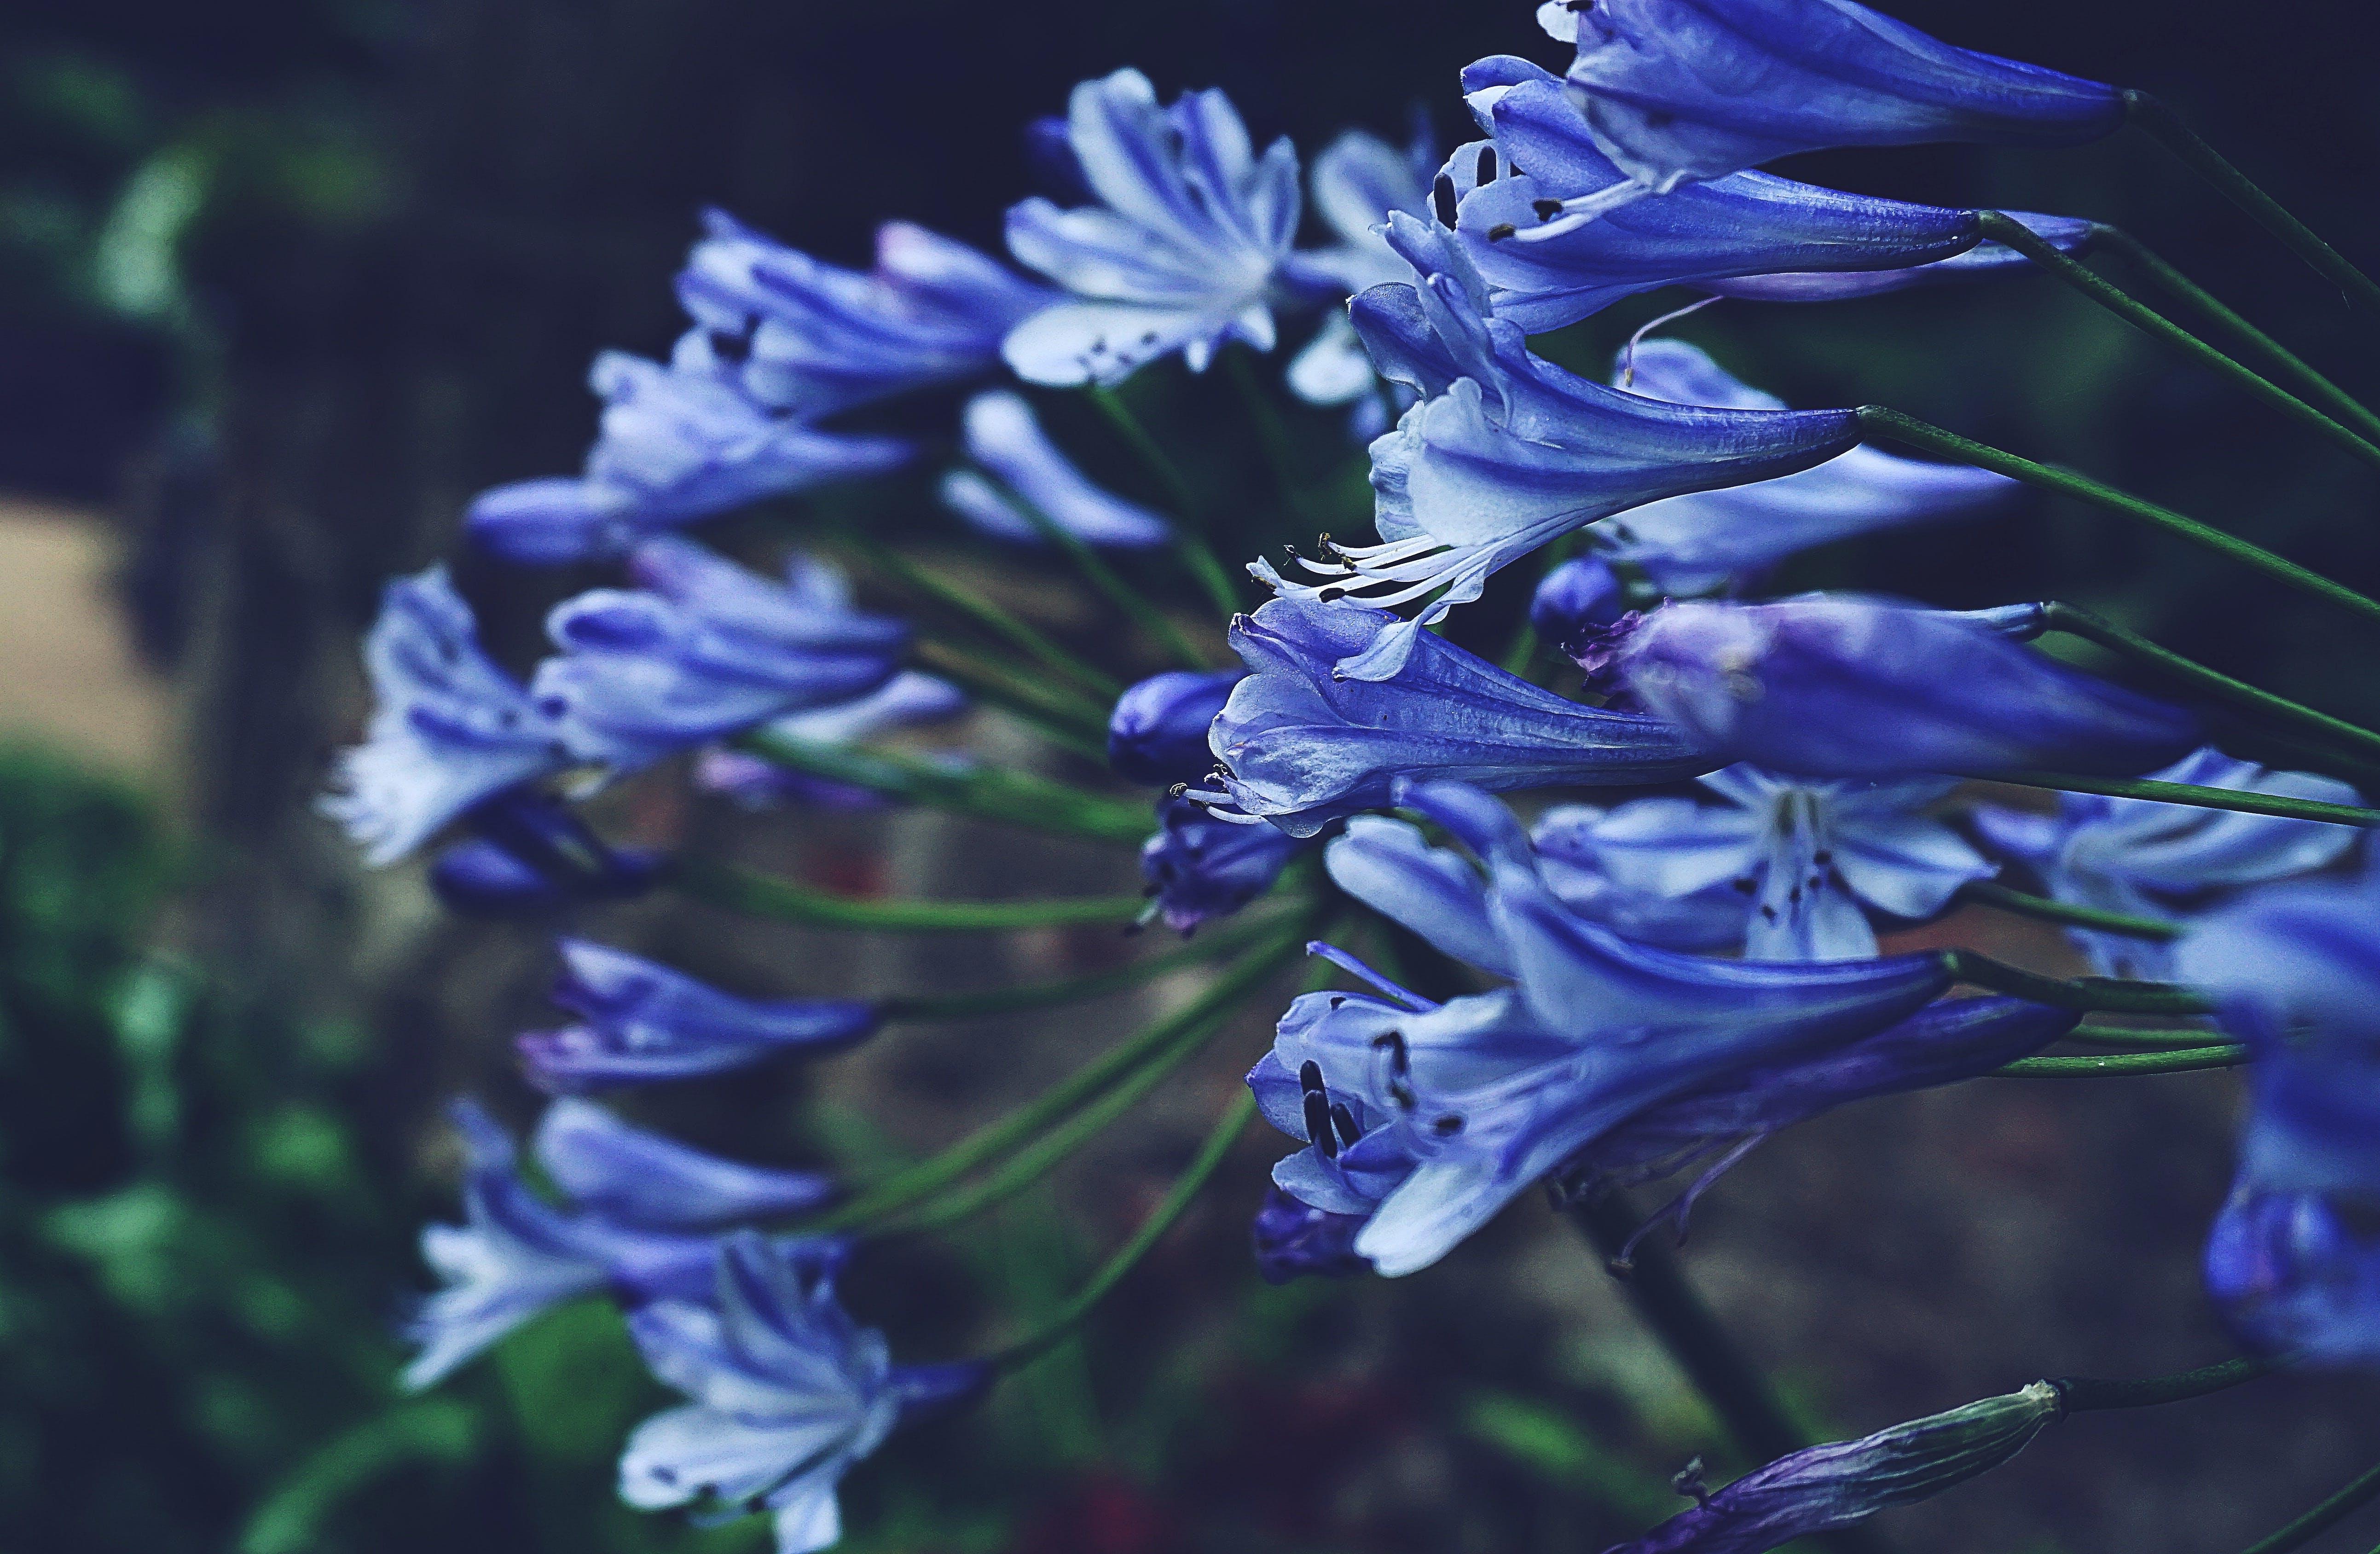 hosta, 꽃, 식물군, 자연의 무료 스톡 사진